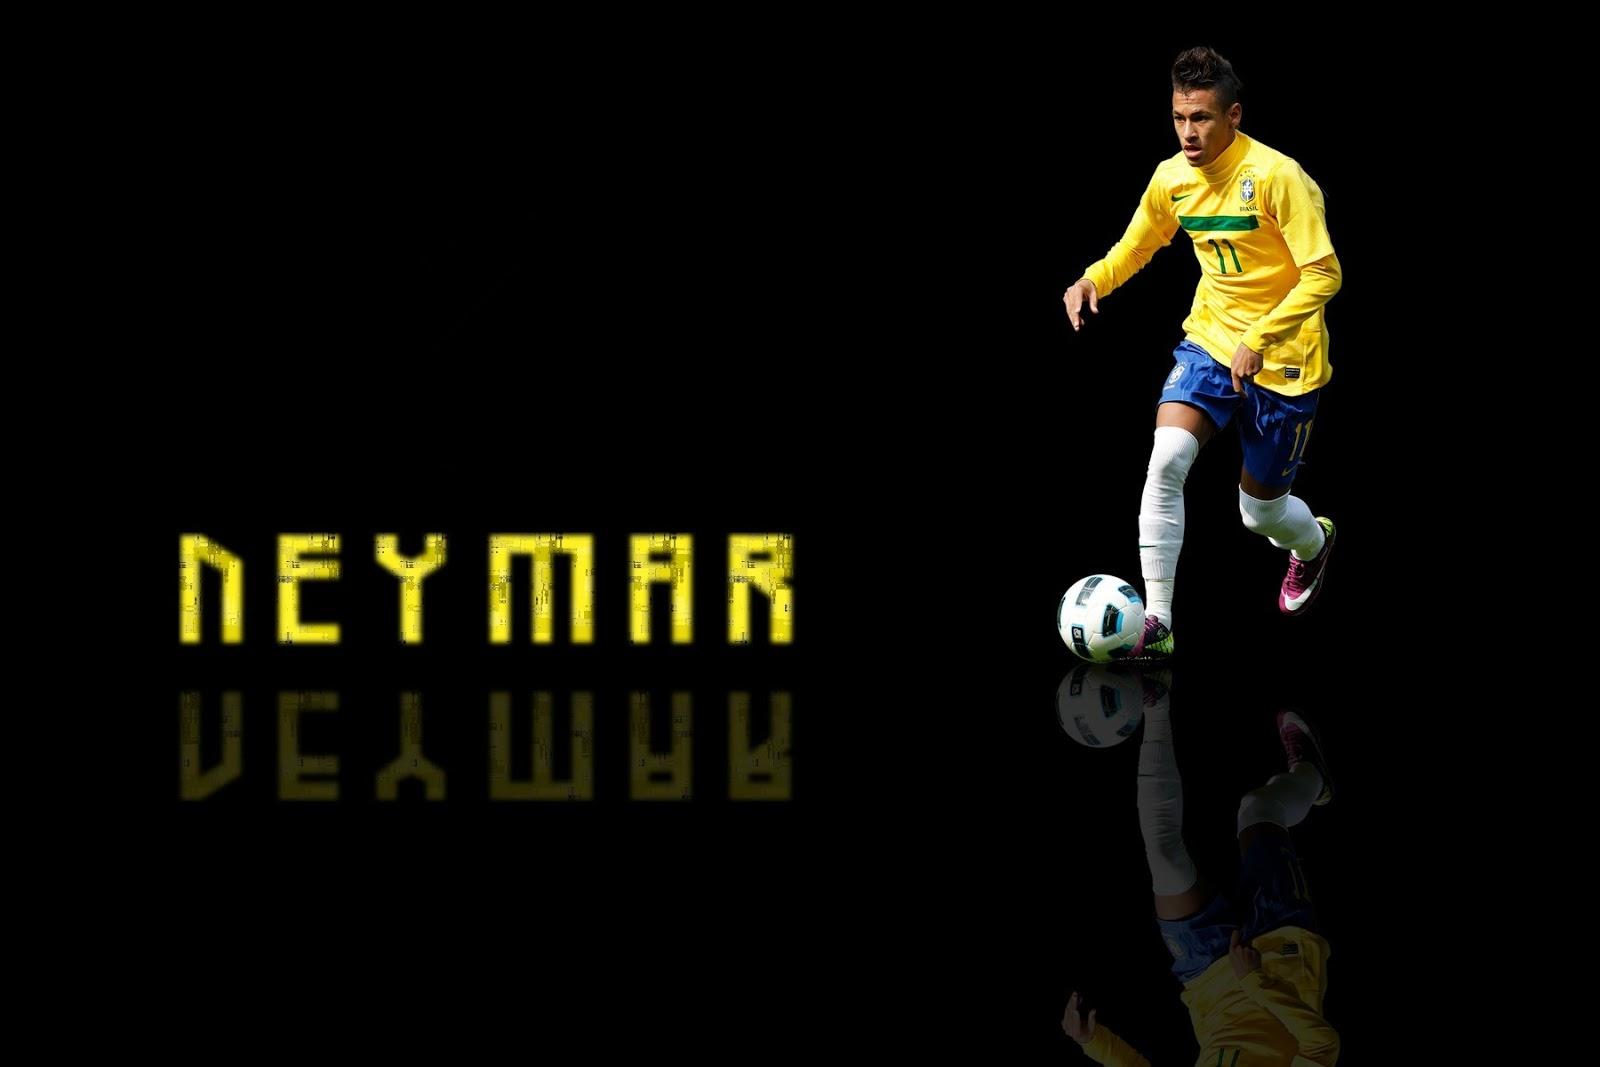 http://1.bp.blogspot.com/-94DNAmE8DiU/UIgz6wItSbI/AAAAAAAAGLM/EMmoIbuMw24/s1600/Neymar+new+hd+wallpapers+2012-2013+10.jpg